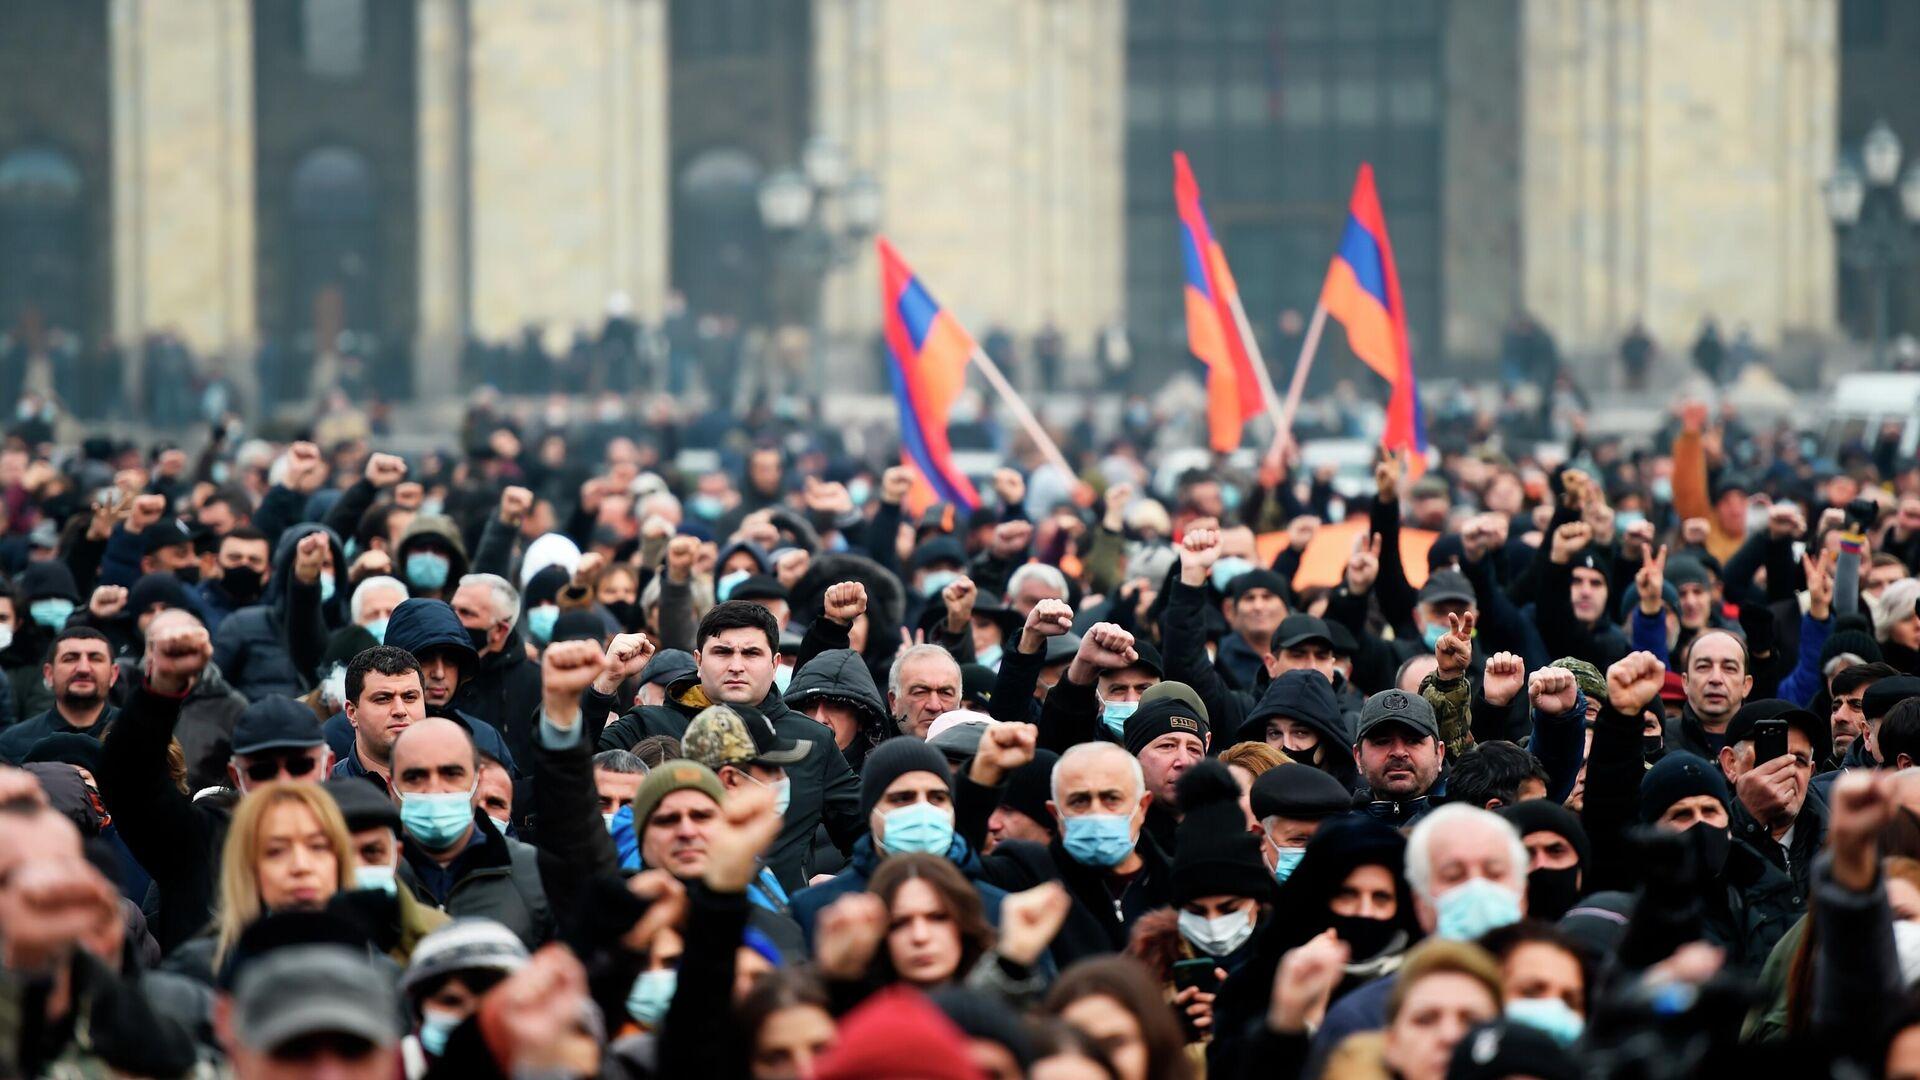 Противники премьер-министра Армении Никола Пашиняна проводят митинг на площади Республики в Ереване - РИА Новости, 1920, 23.12.2020